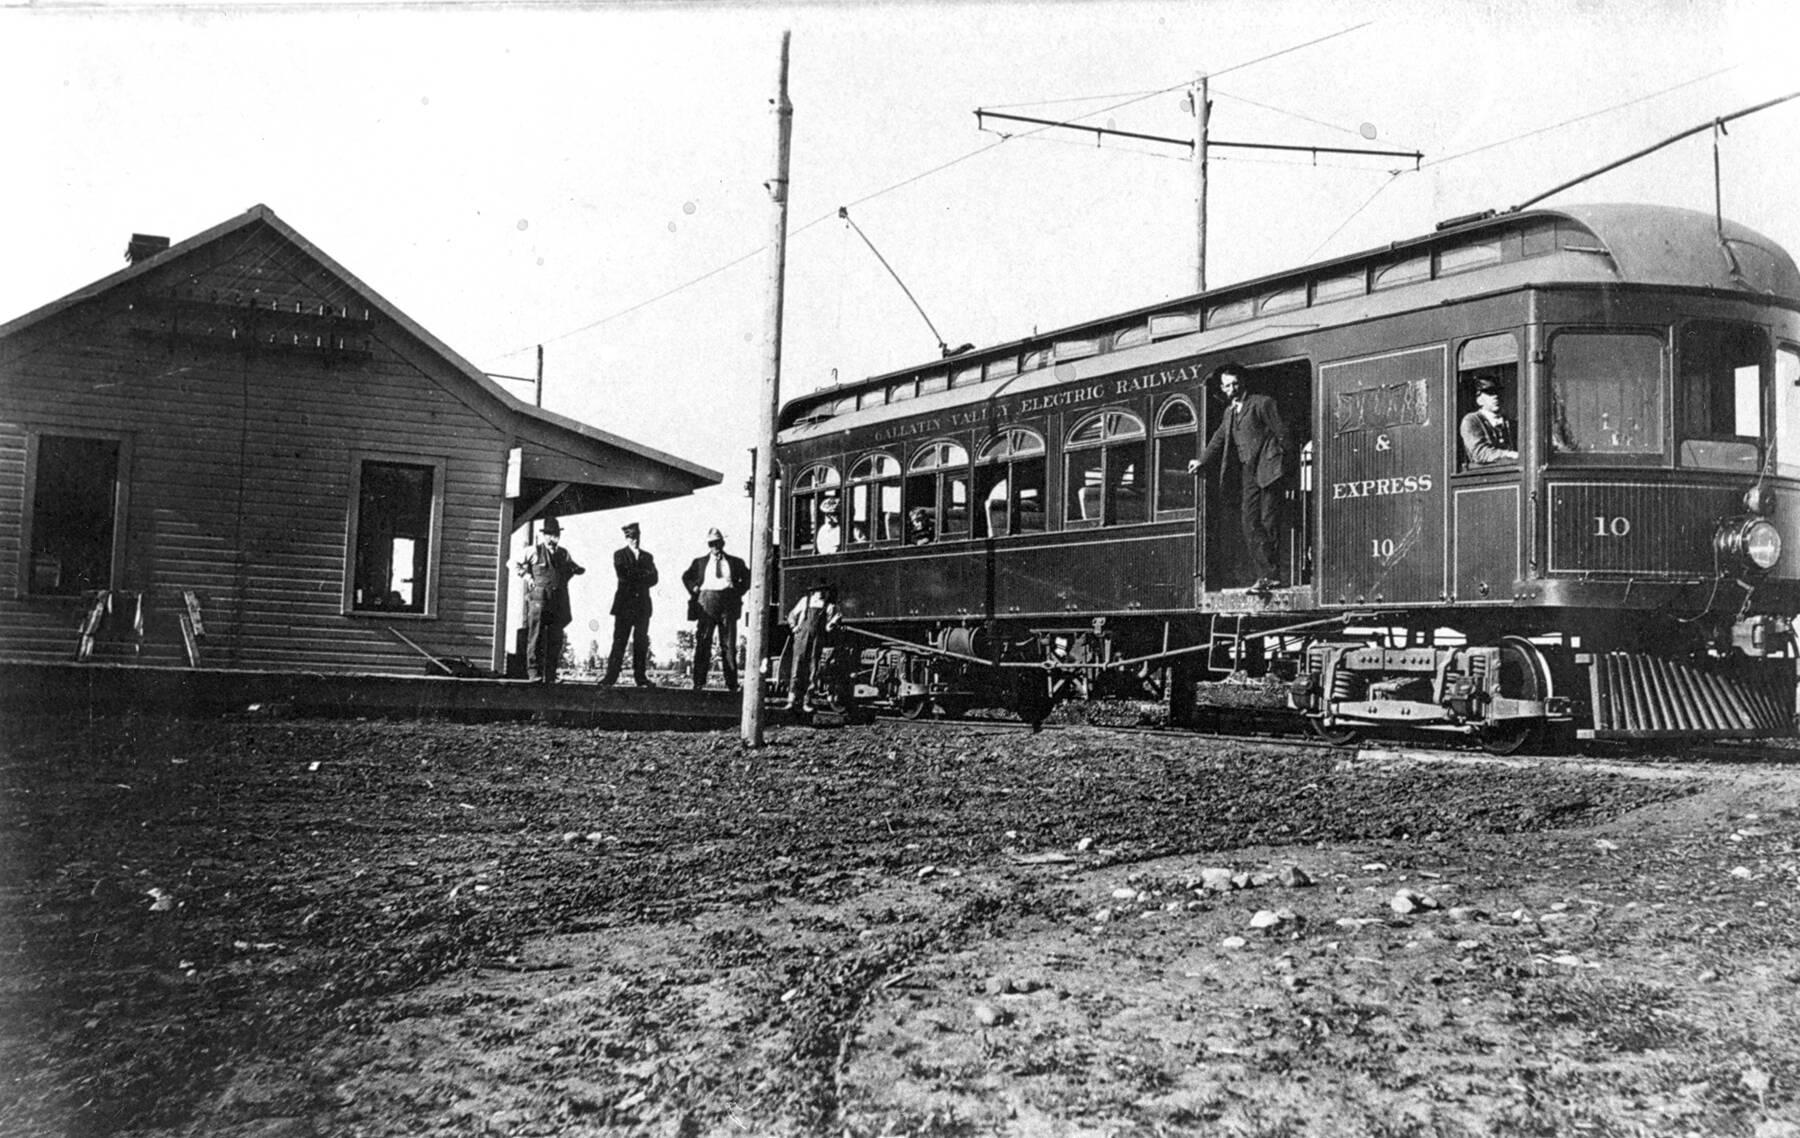 Trolley Car: Bozeman's Historic Trolley Car System